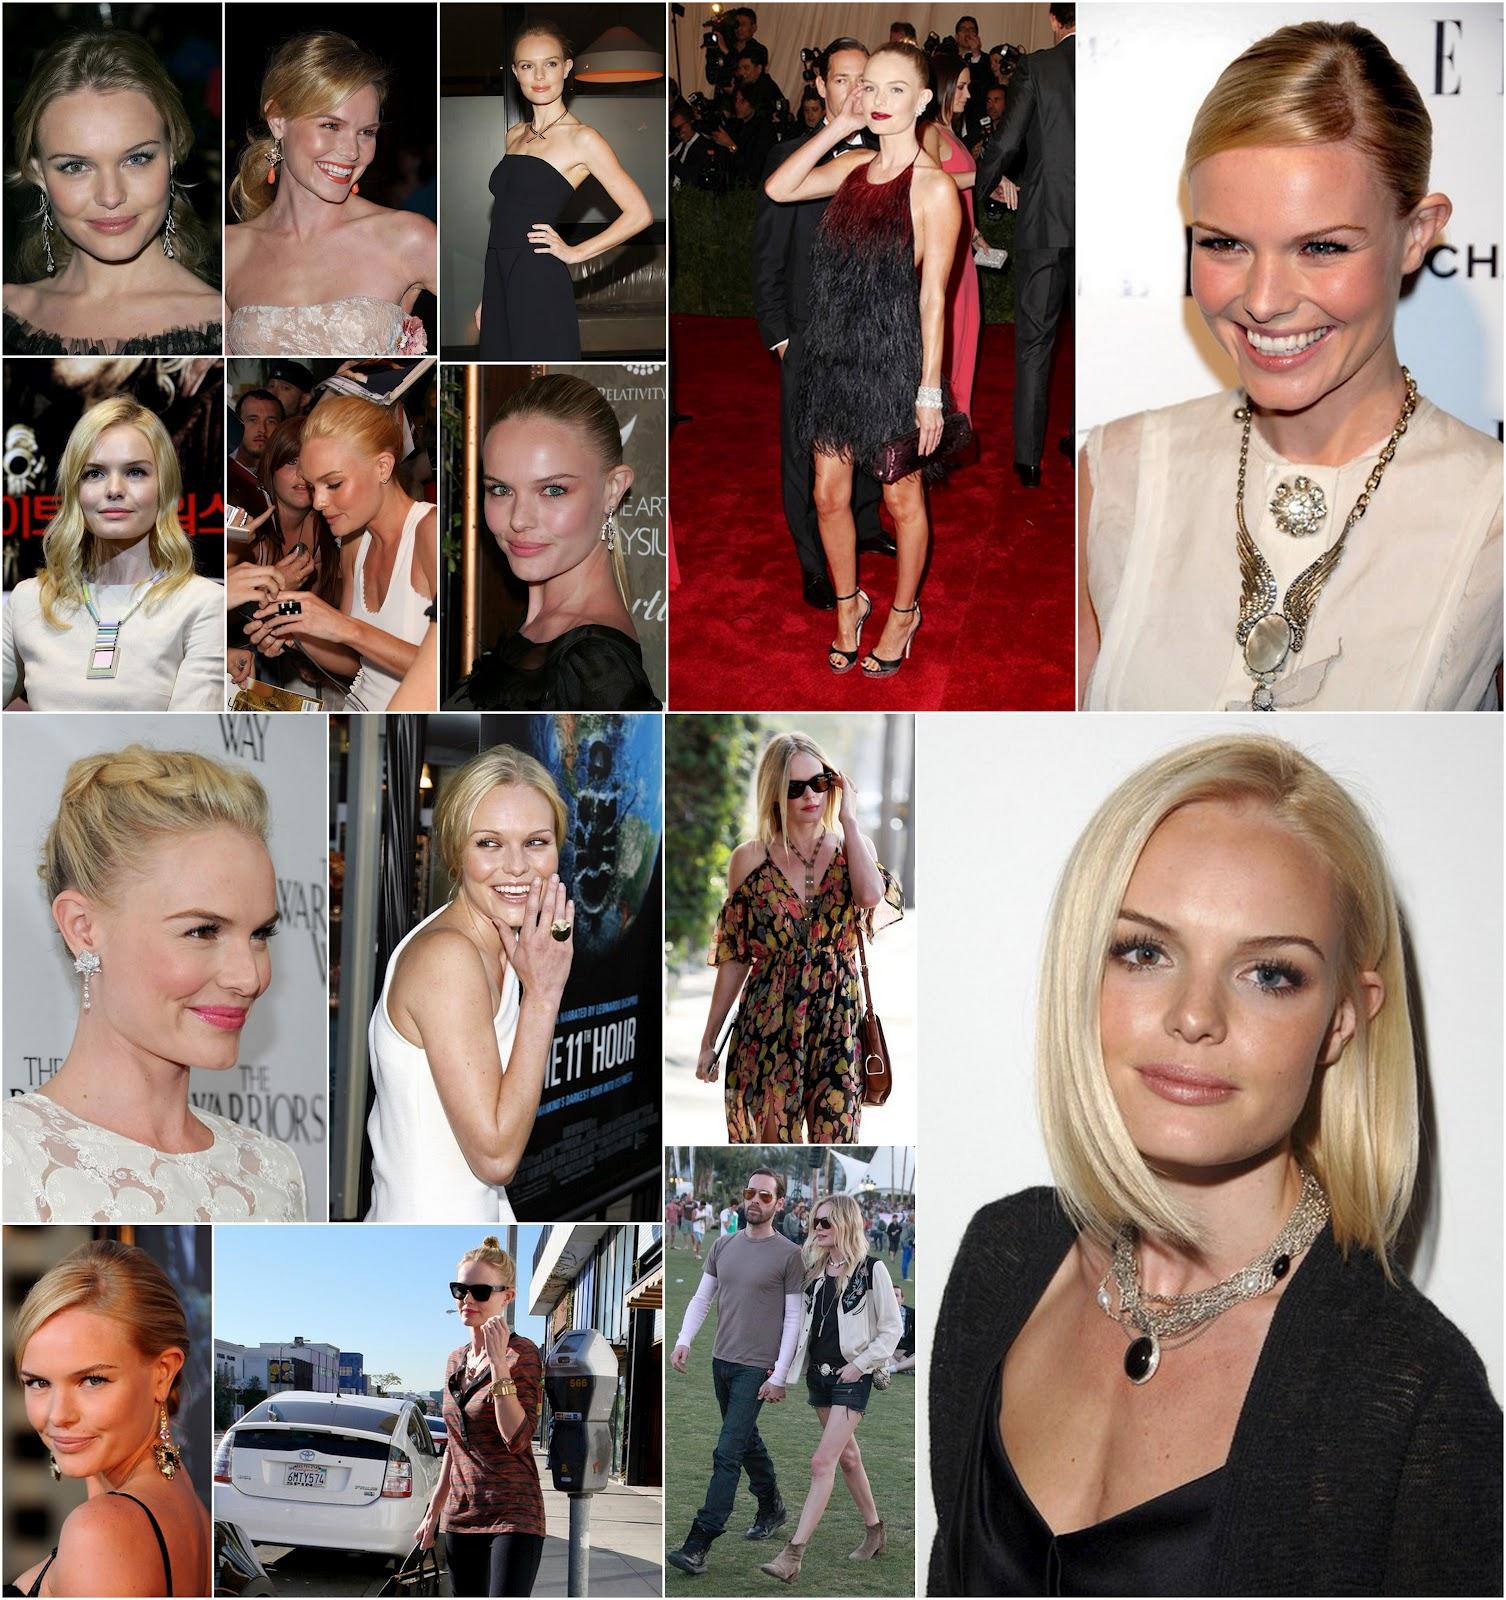 http://3.bp.blogspot.com/-vcpanLoq8_s/UBlpKfCoBFI/AAAAAAAABNI/pUWBqb8ZnaQ/s1600/kate+bosworth+jewelry.jpg